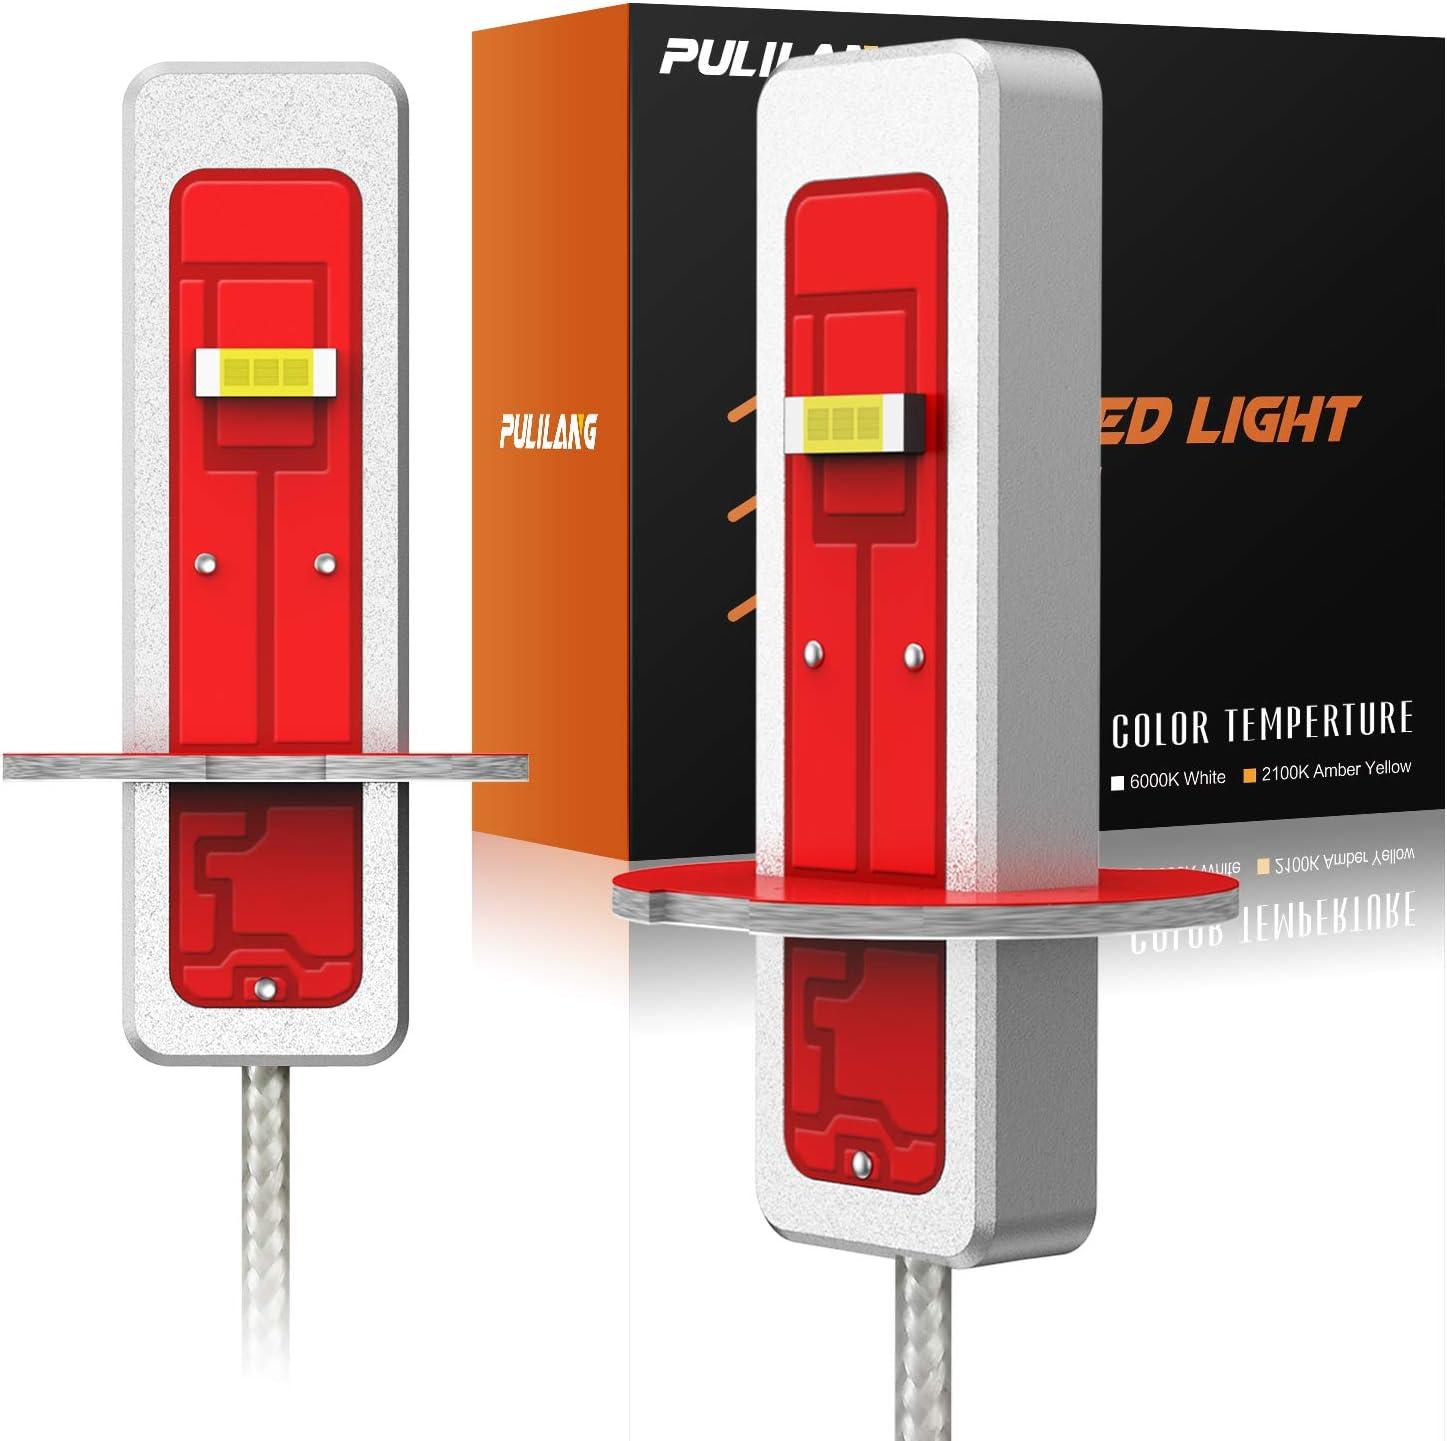 Pulilang Bombillas LED Antiniebla H3 CSP Chips 2100K Amarillas Ámbar Claro LED de Conducción Diurna Lámparas Antiniebla DRL- Para Reemplazo Halógeno, 12-24V Sin Polaridad 40W 5000LM, 2 Lámparas